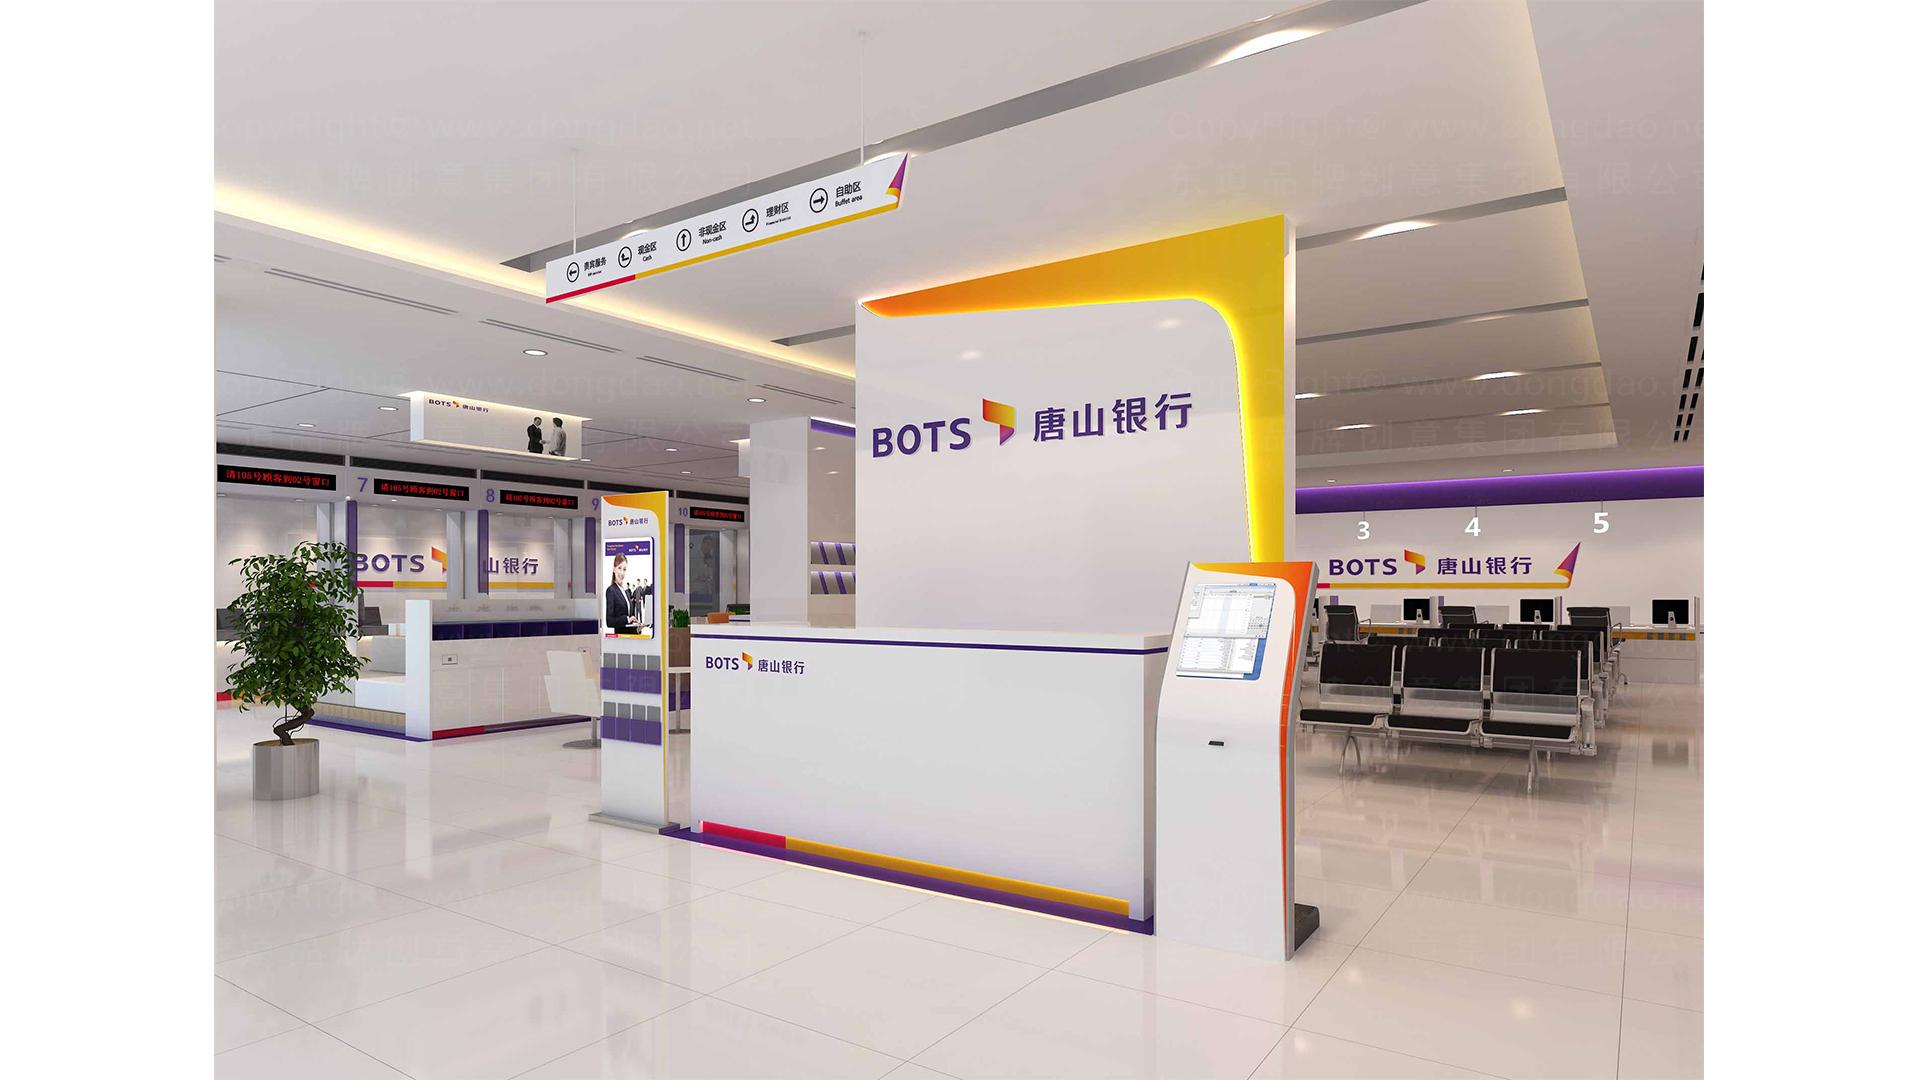 银行金融商业空间&导示唐山银行SI设计